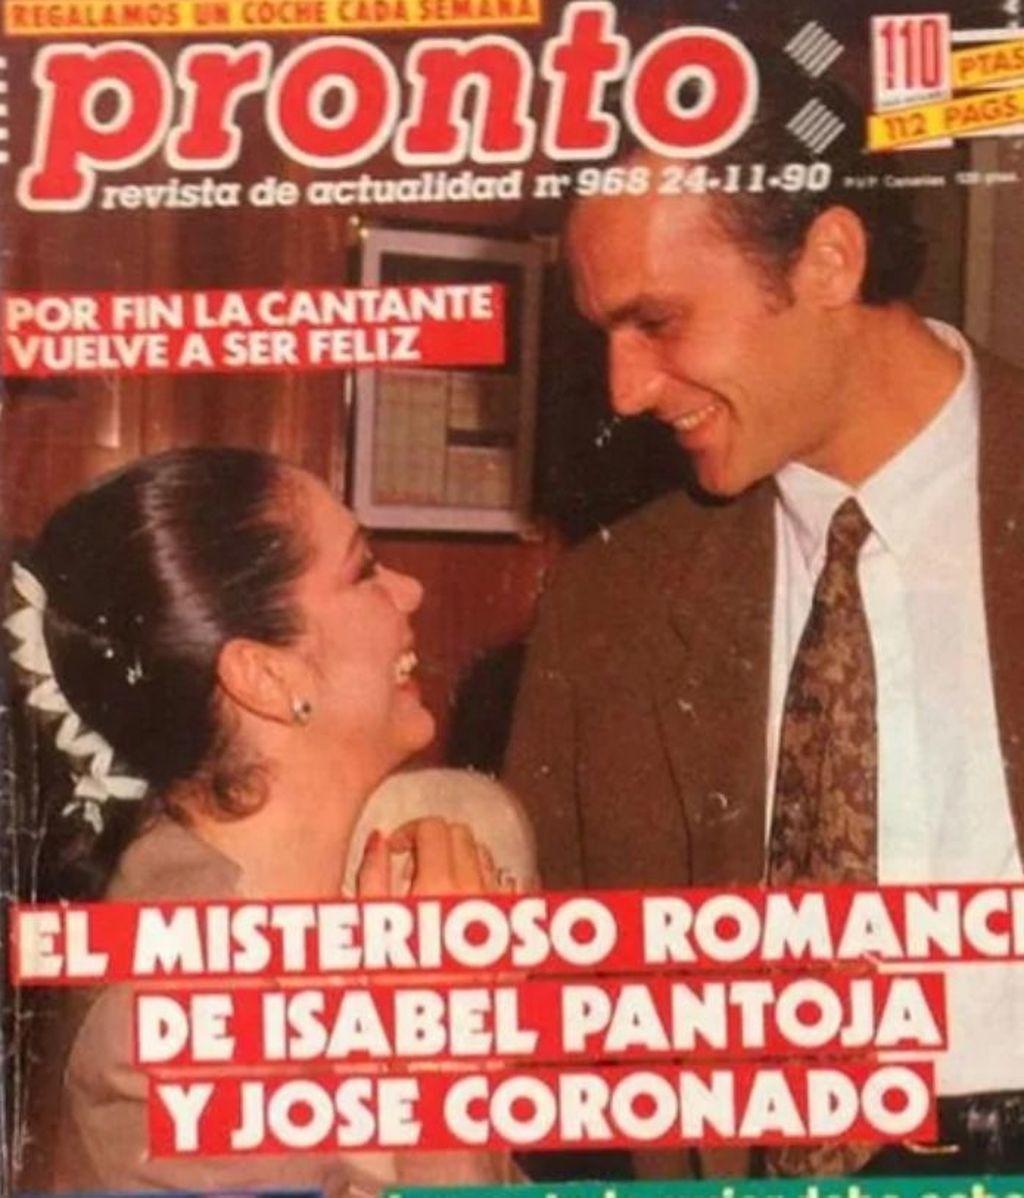 El presunto romance de Isabel Pantoja y José Coronado, en las revistas